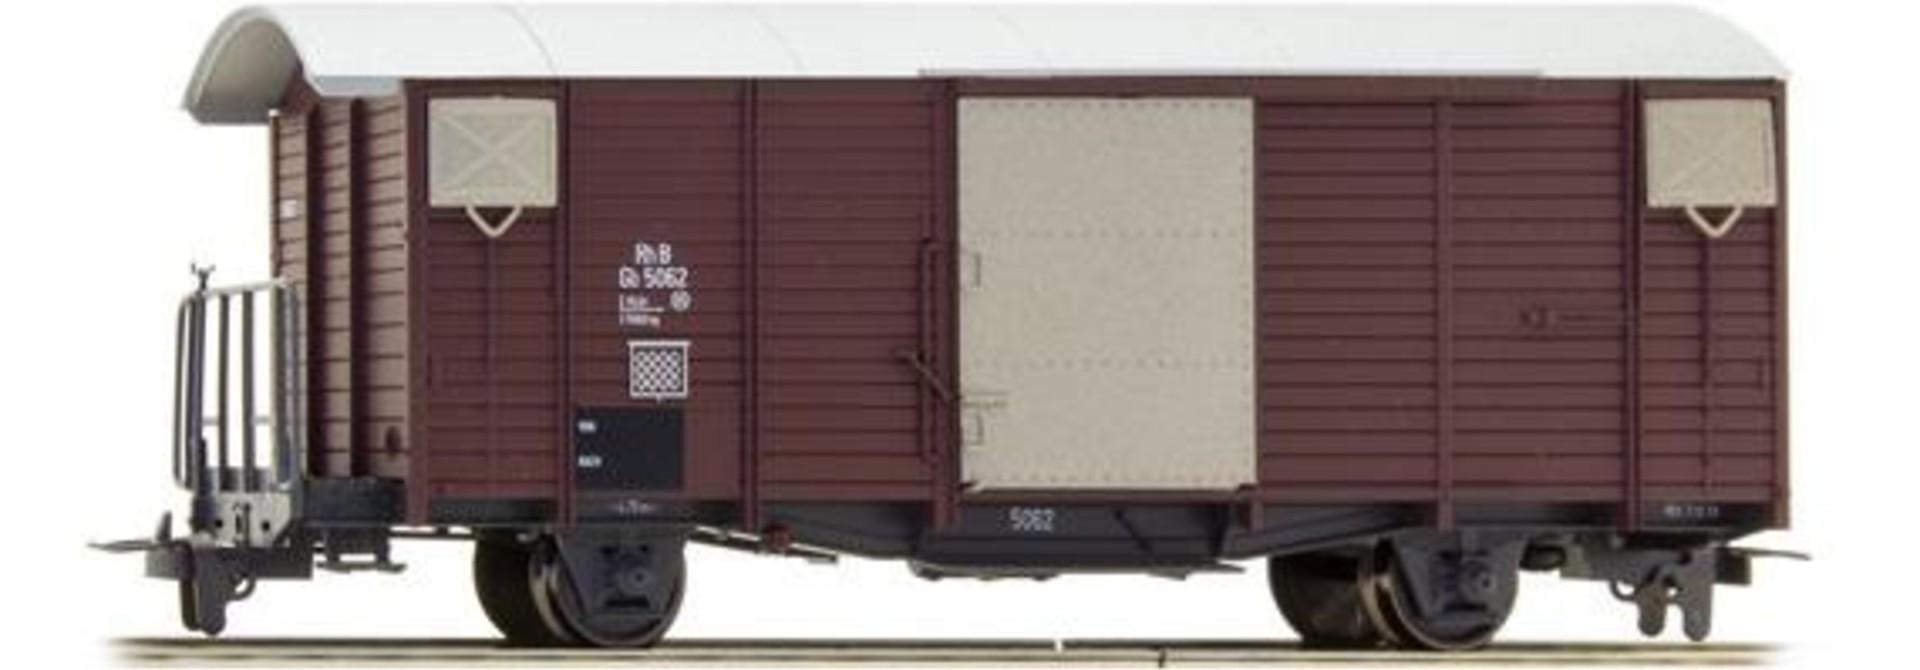 2250102 RhB Gb 5062 ged. Güterwagen 70er Jahre